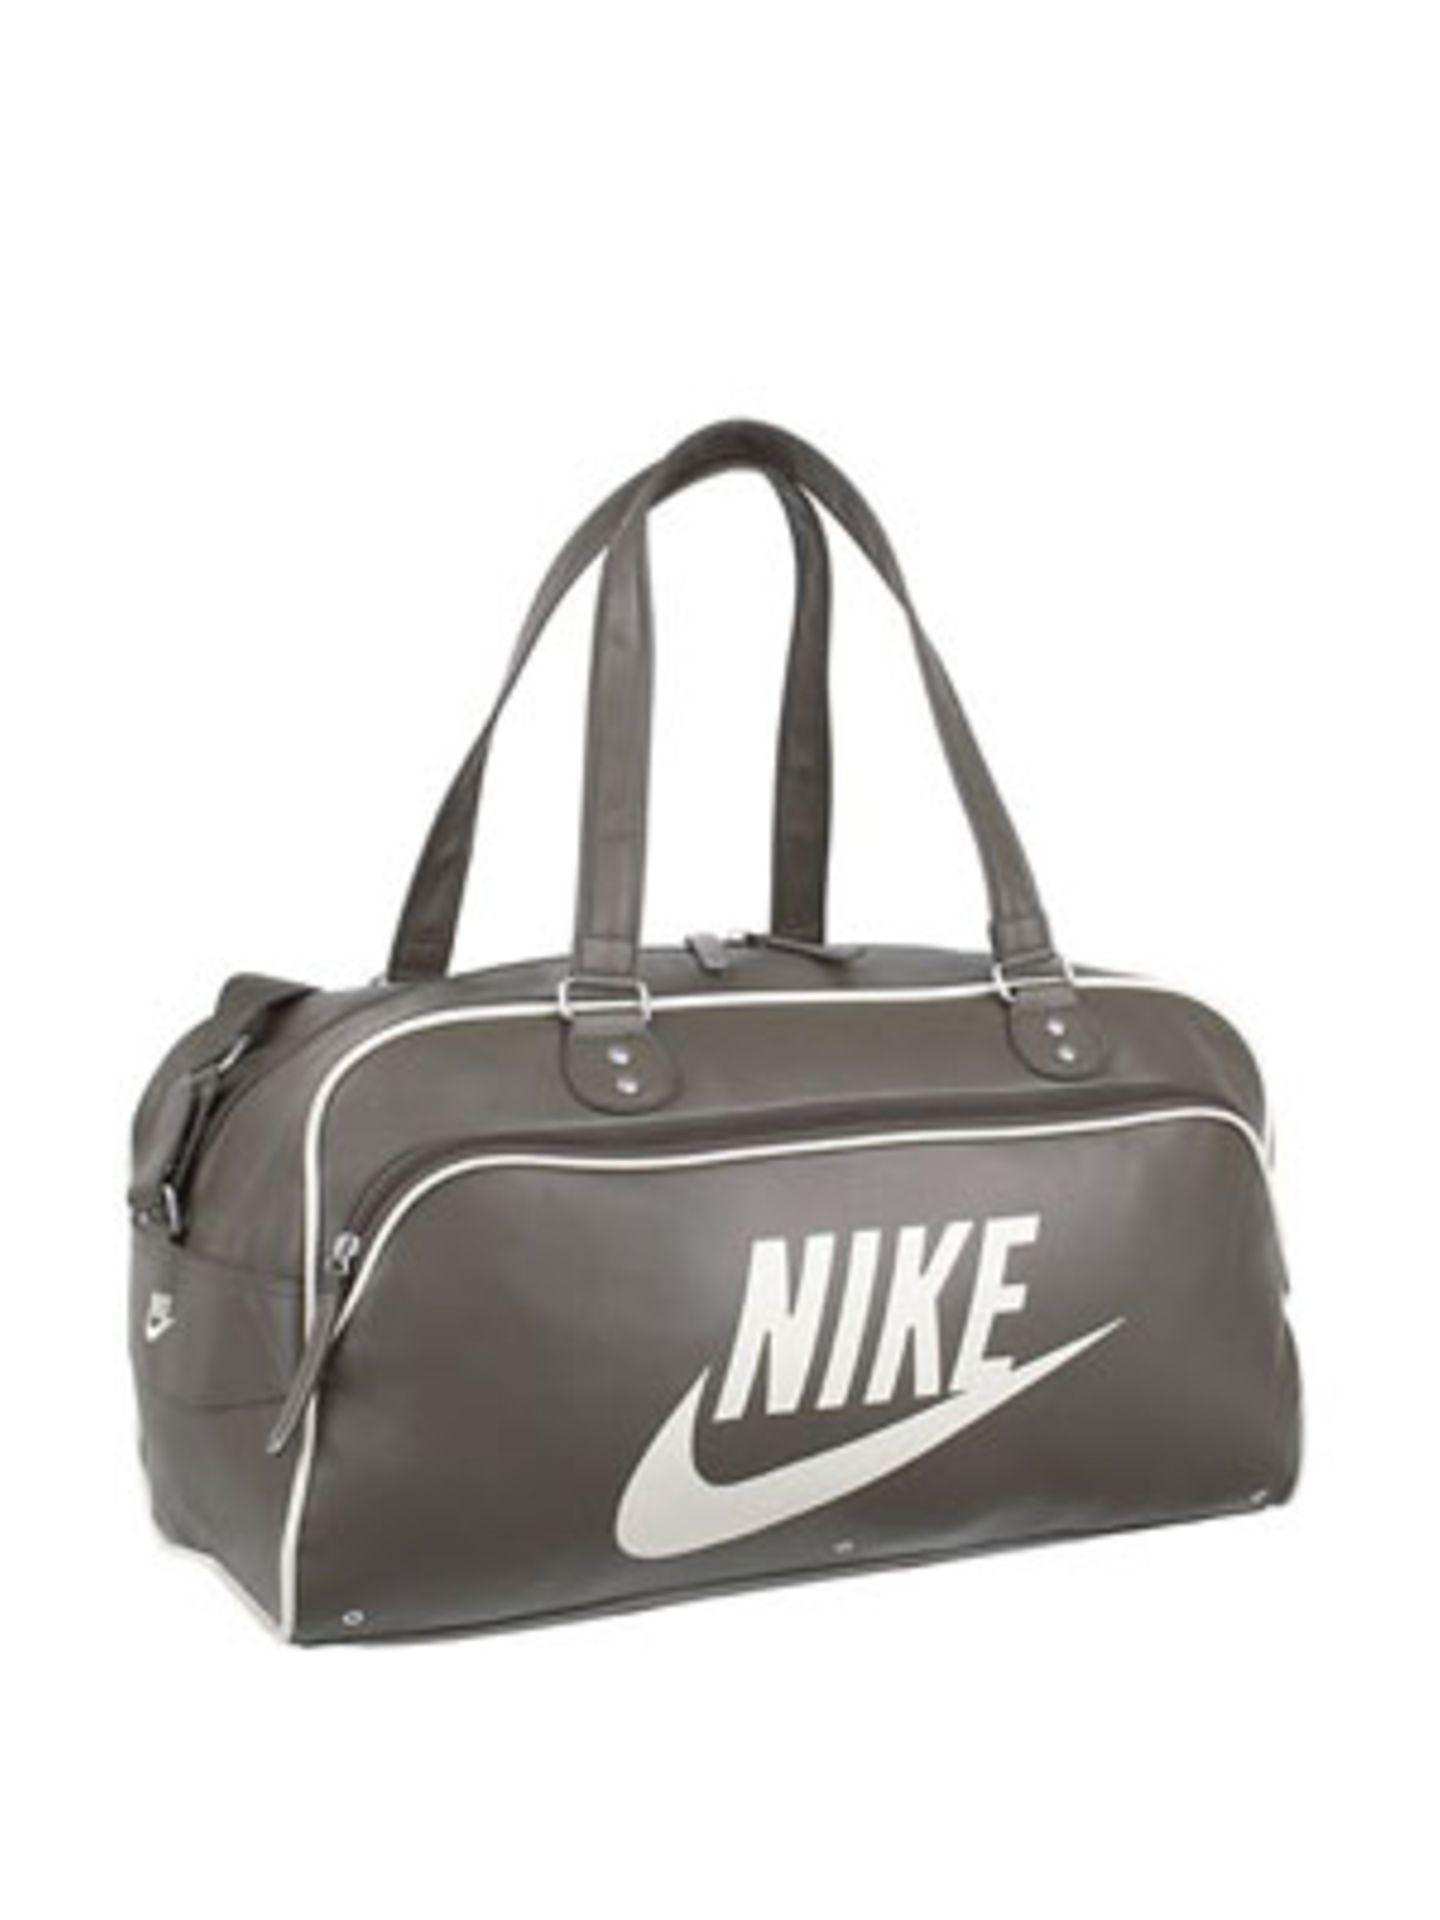 Reisetasche aus Leder in Grau von Nike, um 50 Euro. Über www.taschenkaufhaus.de.